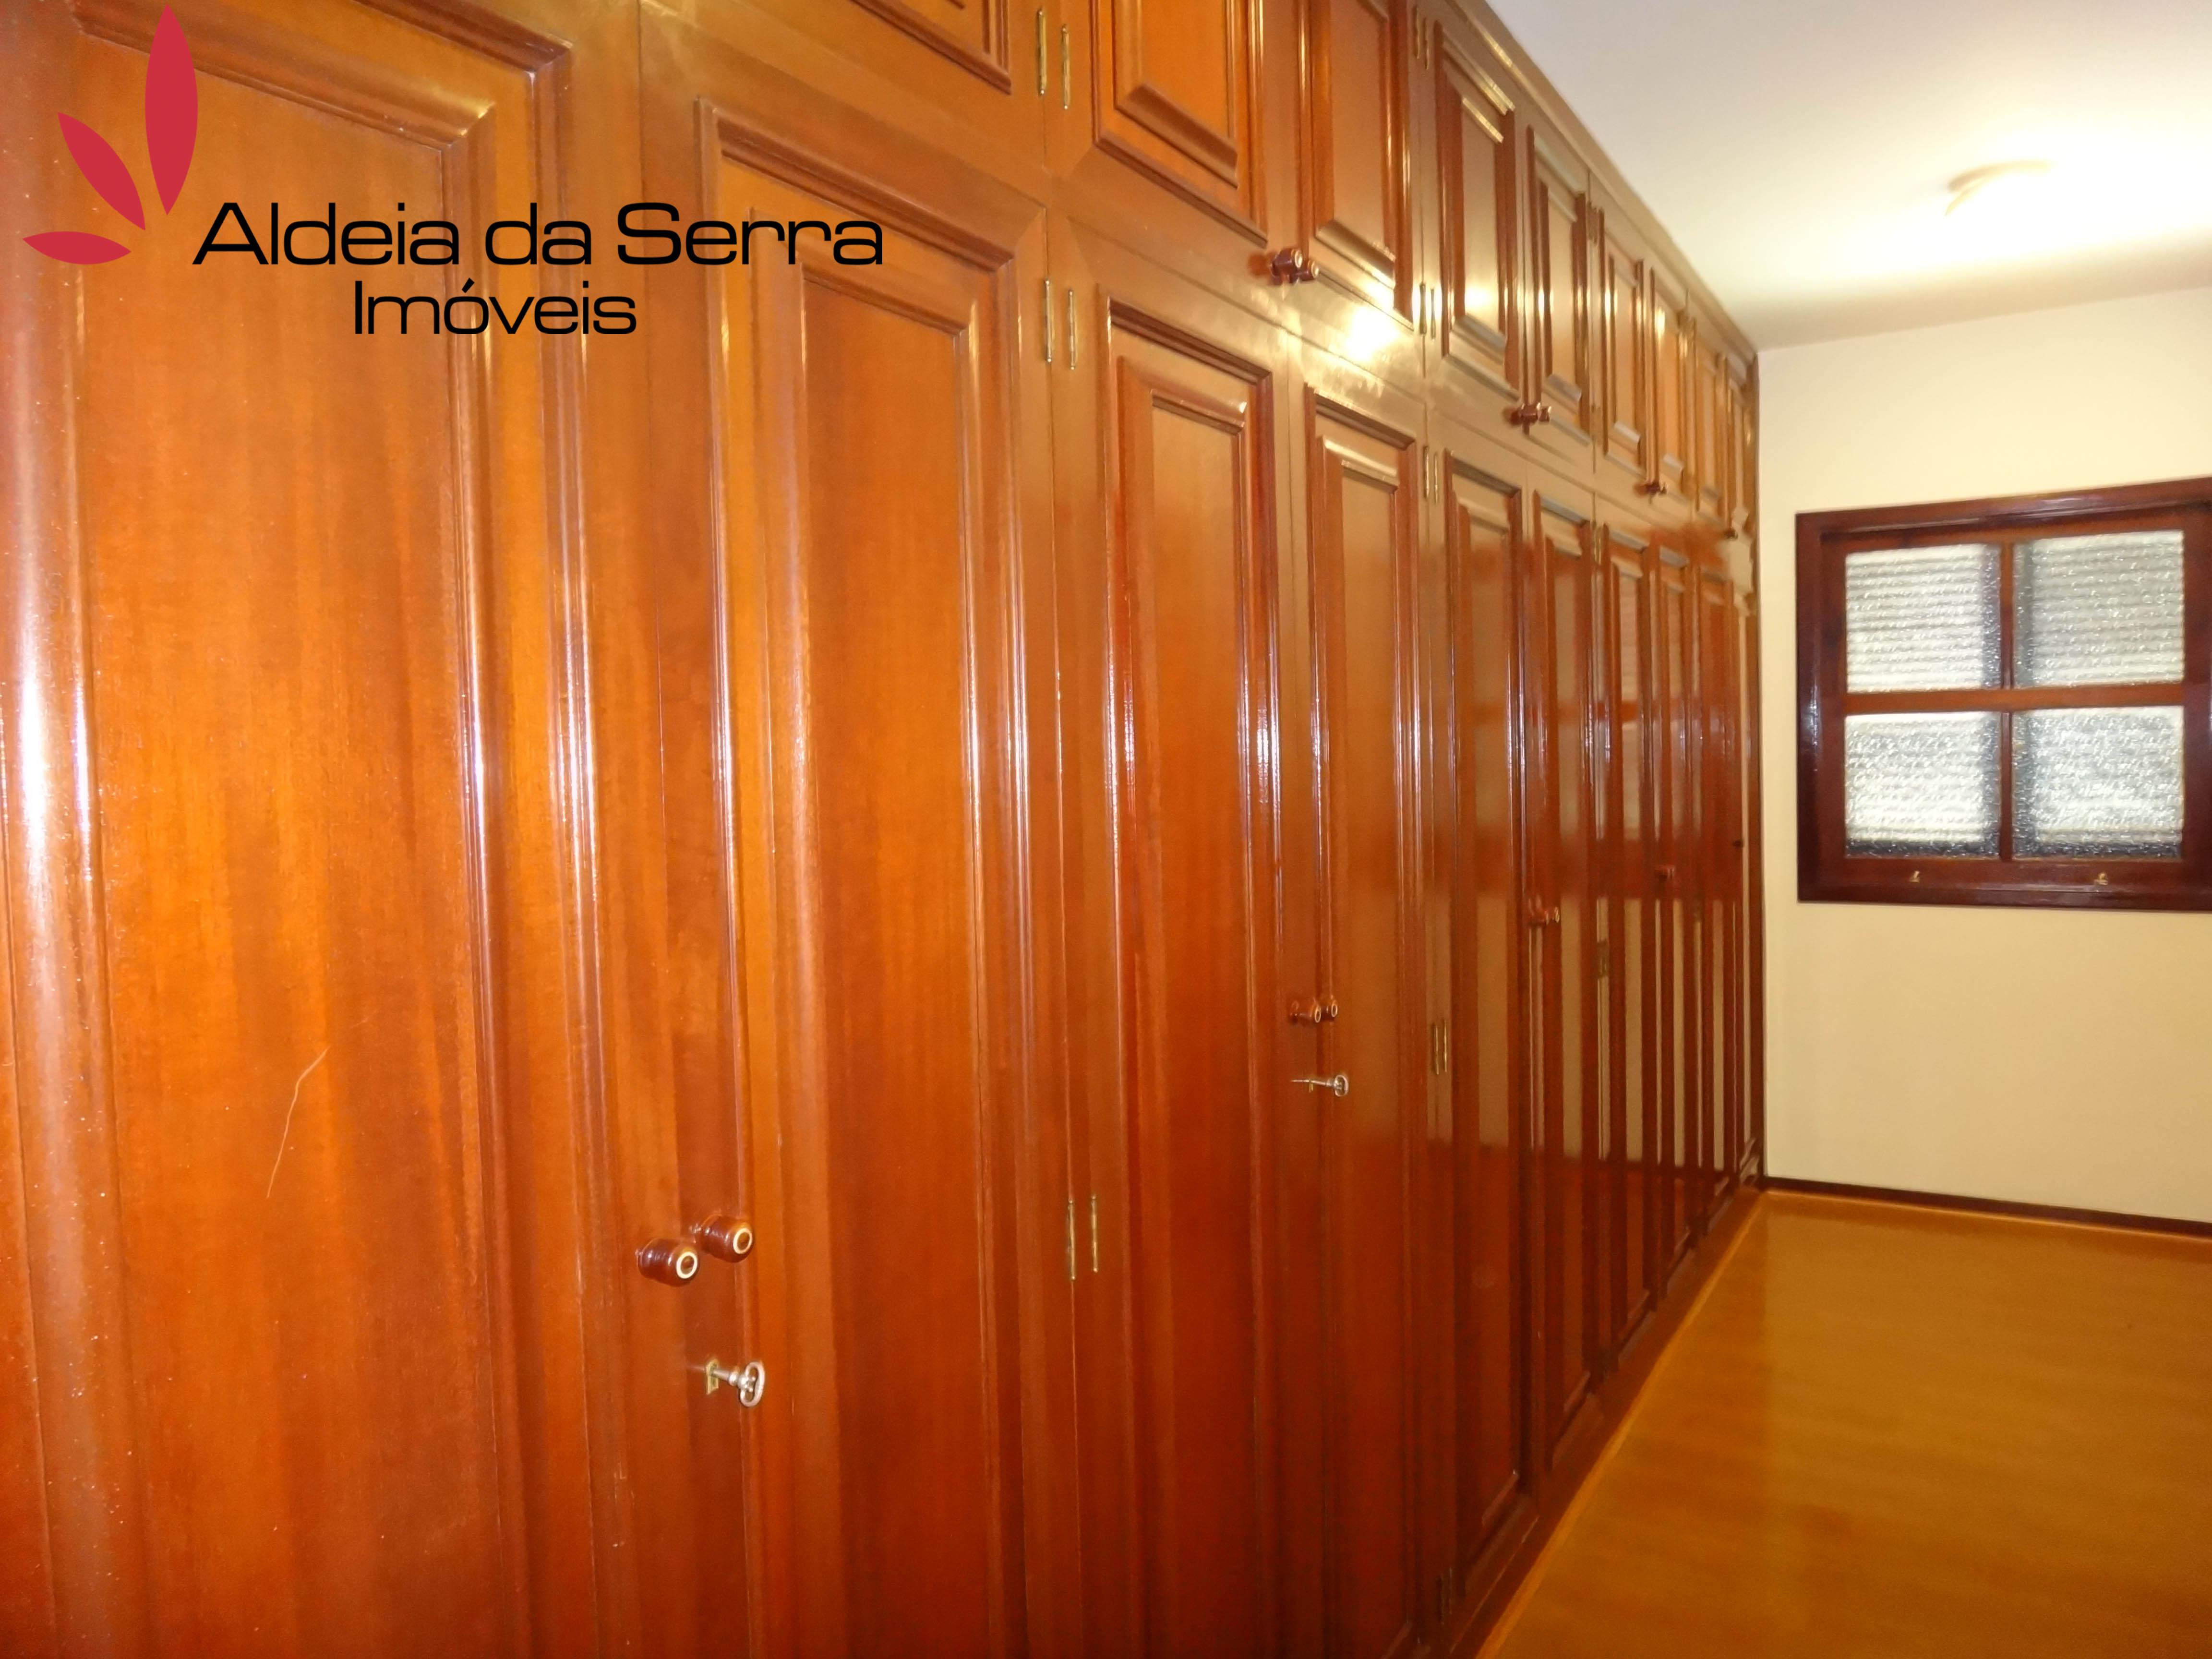 /admin/imoveis/fotos/imagem78.jpg Aldeia da Serra Imoveis